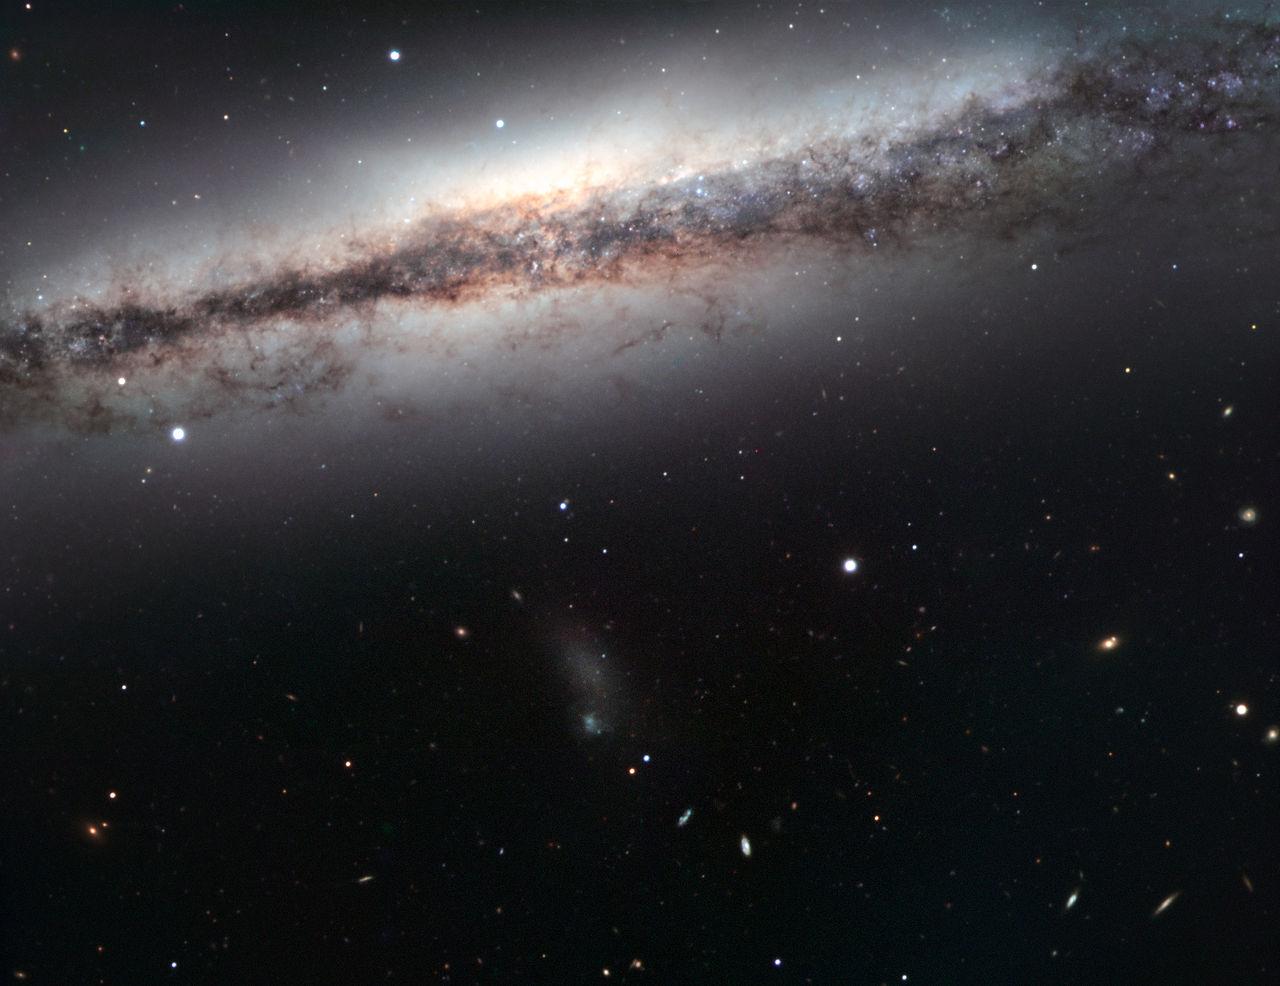 ngc 3628,sarah's galaxy